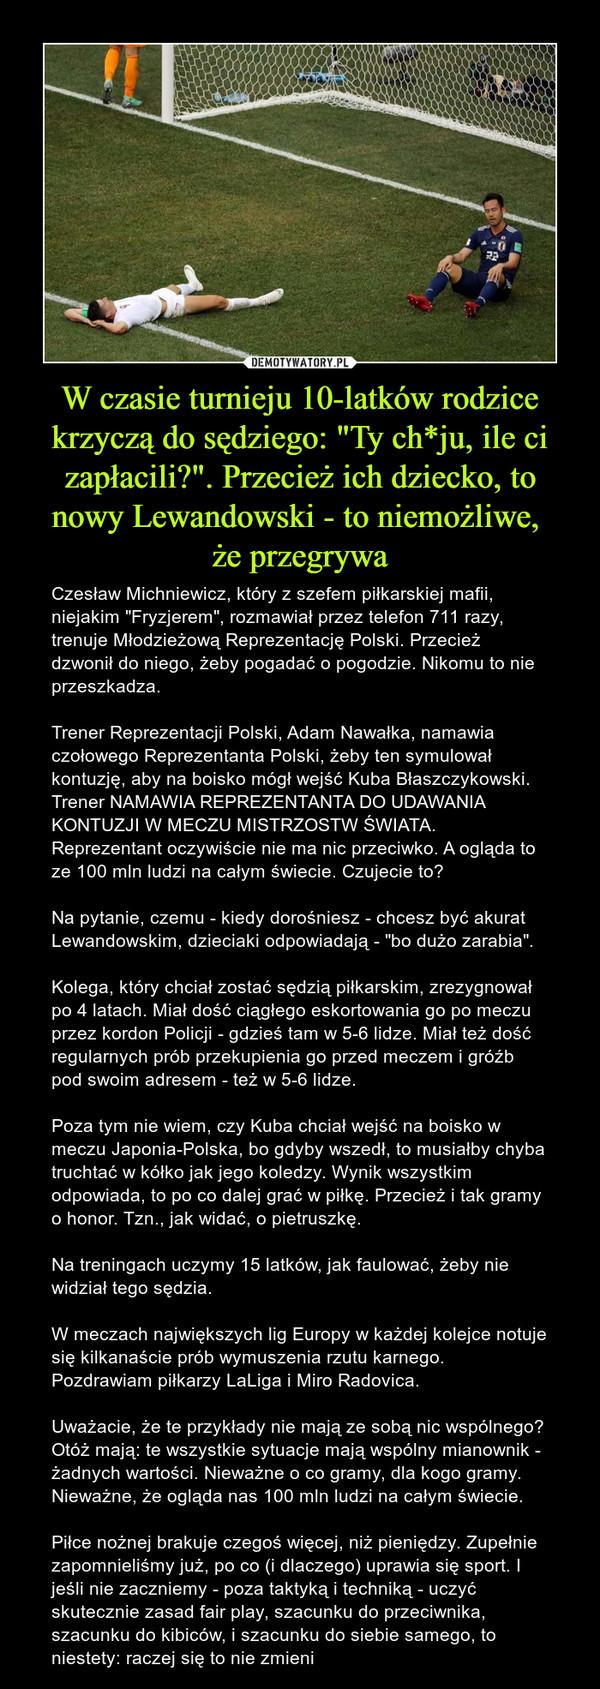 """W czasie turnieju 10-latków rodzice krzyczą do sędziego: """"Ty ch*ju, ile ci zapłacili?"""". Przecież ich dziecko, to nowy Lewandowski - to niemożliwe, że przegrywa – Czesław Michniewicz, który z szefem piłkarskiej mafii, niejakim """"Fryzjerem"""", rozmawiał przez telefon 711 razy, trenuje Młodzieżową Reprezentację Polski. Przecież dzwonił do niego, żeby pogadać o pogodzie. Nikomu to nie przeszkadza.Trener Reprezentacji Polski, Adam Nawałka, namawia czołowego Reprezentanta Polski, żeby ten symulował kontuzję, aby na boisko mógł wejść Kuba Błaszczykowski. Trener NAMAWIA REPREZENTANTA DO UDAWANIA KONTUZJI W MECZU MISTRZOSTW ŚWIATA. Reprezentant oczywiście nie ma nic przeciwko. A ogląda to ze 100 mln ludzi na całym świecie. Czujecie to?Na pytanie, czemu - kiedy dorośniesz - chcesz być akurat Lewandowskim, dzieciaki odpowiadają - """"bo dużo zarabia"""".Kolega, który chciał zostać sędzią piłkarskim, zrezygnował po 4 latach. Miał dość ciągłego eskortowania go po meczu przez kordon Policji - gdzieś tam w 5-6 lidze. Miał też dość regularnych prób przekupienia go przed meczem i gróźb pod swoim adresem - też w 5-6 lidze.Poza tym nie wiem, czy Kuba chciał wejść na boisko w meczu Japonia-Polska, bo gdyby wszedł, to musiałby chyba truchtać w kółko jak jego koledzy. Wynik wszystkim odpowiada, to po co dalej grać w piłkę. Przecież i tak gramy o honor. Tzn., jak widać, o pietruszkę.Na treningach uczymy 15 latków, jak faulować, żeby nie widział tego sędzia.W meczach największych lig Europy w każdej kolejce notuje się kilkanaście prób wymuszenia rzutu karnego. Pozdrawiam piłkarzy LaLiga i Miro Radovica.Uważacie, że te przykłady nie mają ze sobą nic wspólnego? Otóż mają: te wszystkie sytuacje mają wspólny mianownik - żadnych wartości. Nieważne o co gramy, dla kogo gramy. Nieważne, że ogląda nas 100 mln ludzi na całym świecie. Piłce nożnej brakuje czegoś więcej, niż pieniędzy. Zupełnie zapomnieliśmy już, po co (i dlaczego) uprawia się sport. I jeśli nie zaczniemy - poza taktyką i techniką - uczyć sku"""